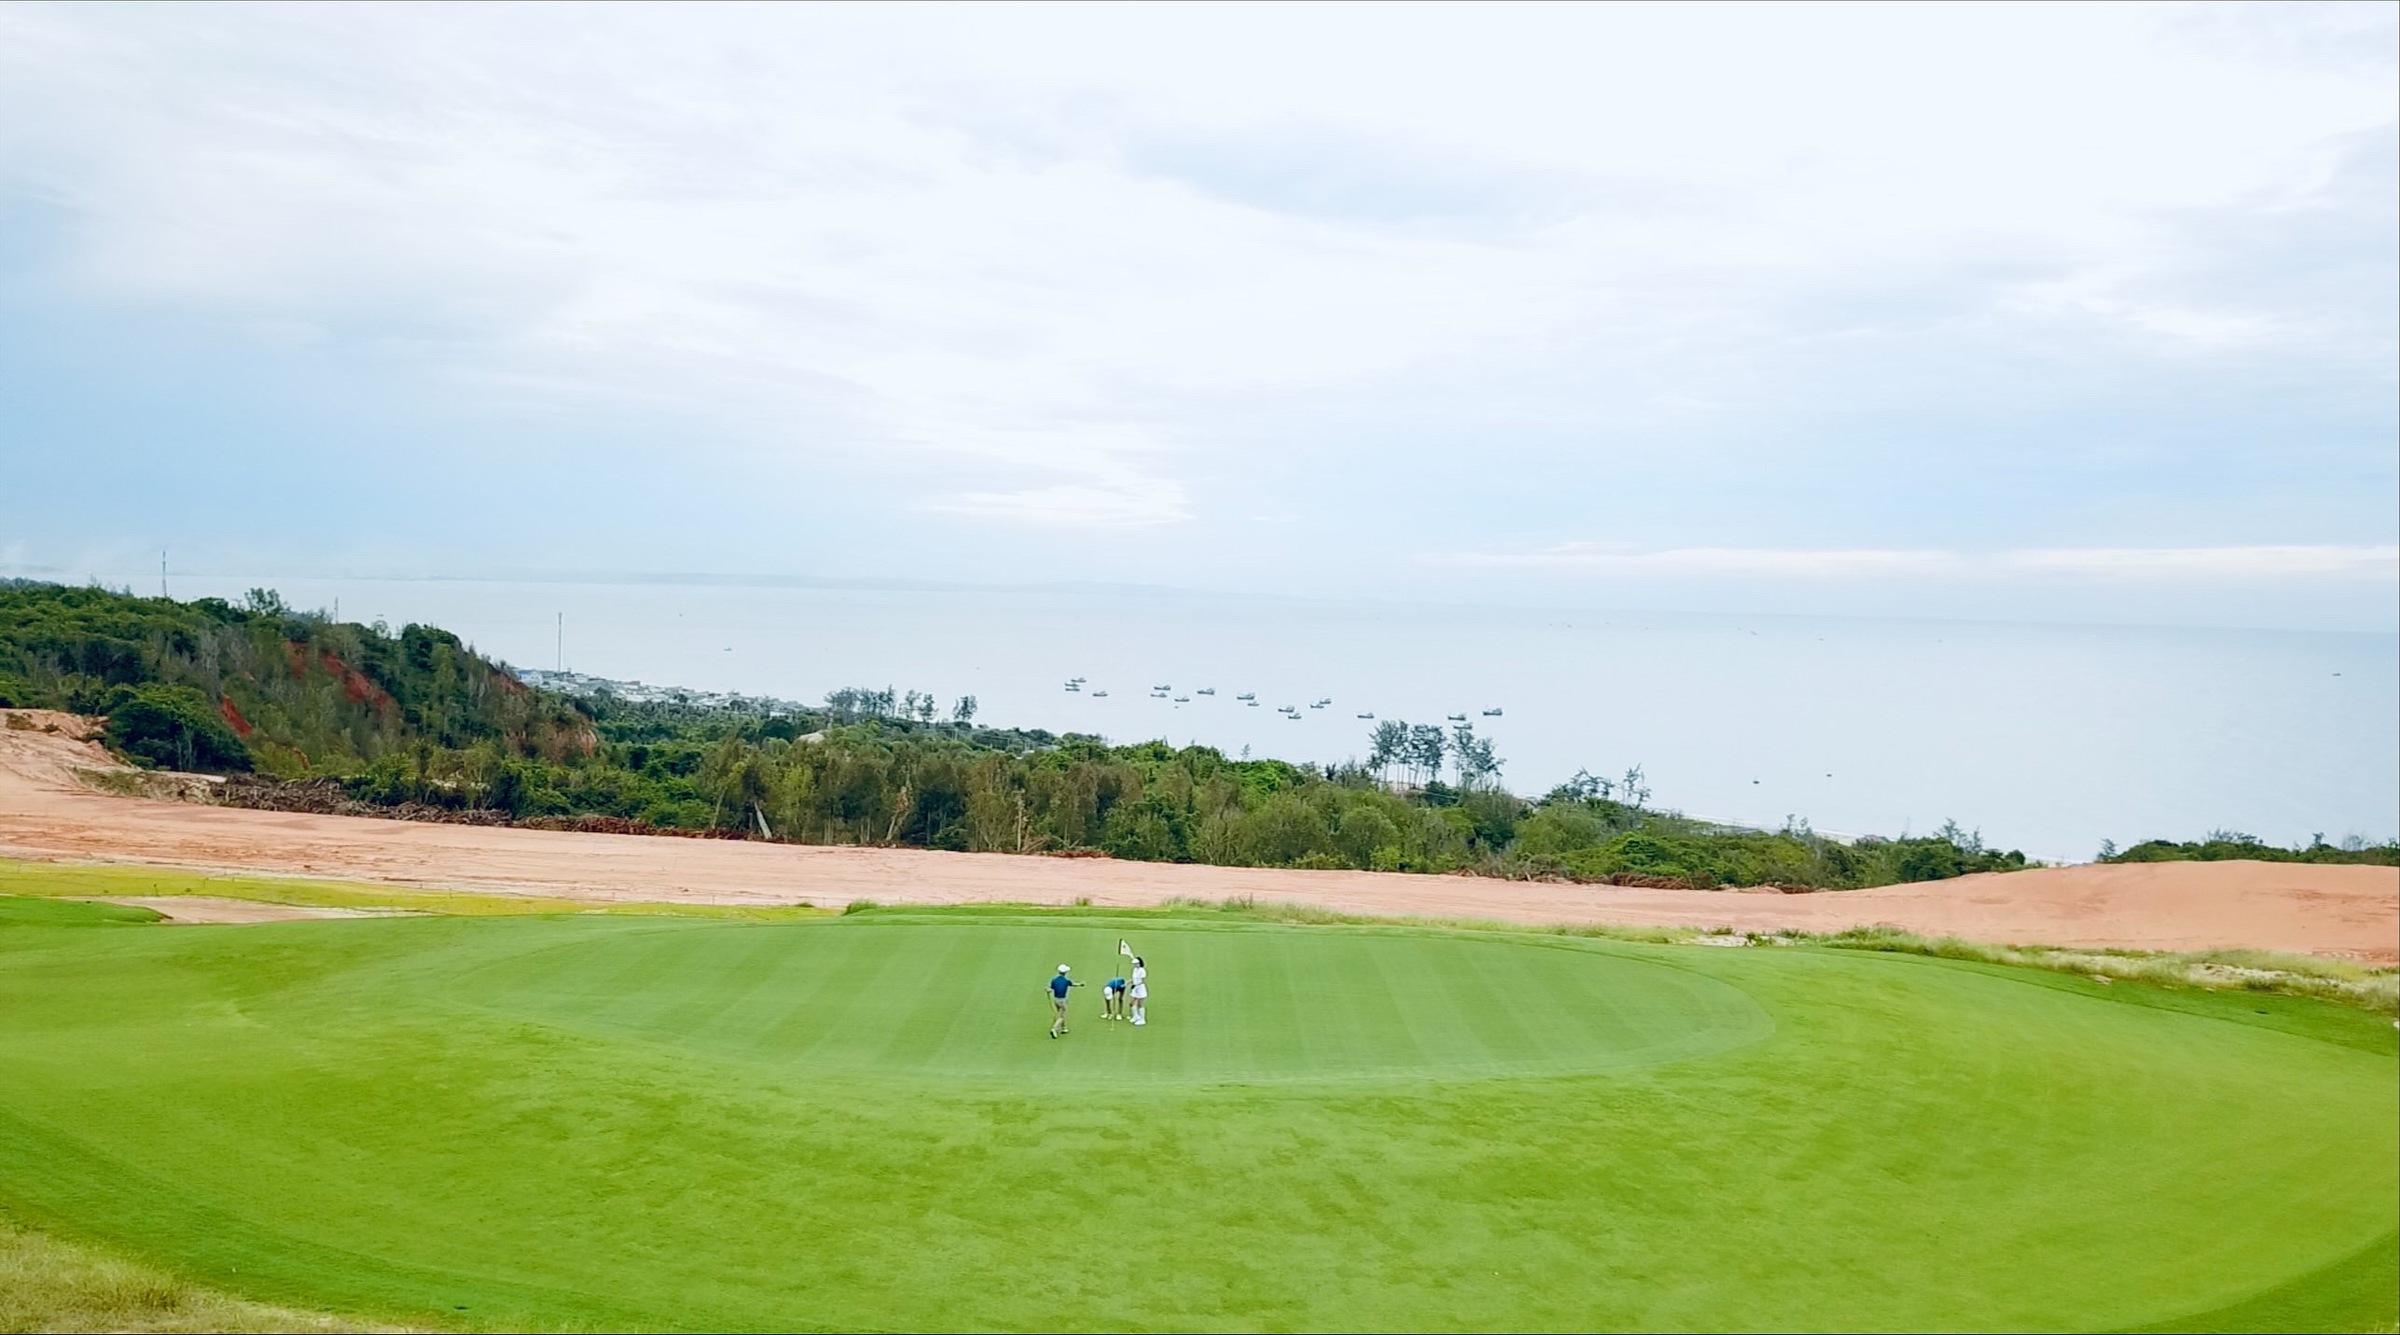 Sân Golf PGA Ocean 18 hố tại NovaWorld Phan Thiet đã vận hành từ tháng 4/2021 là một trong hai cụm sân PGA độc quyền tổ chức PGA Tour tại Việt Nam.